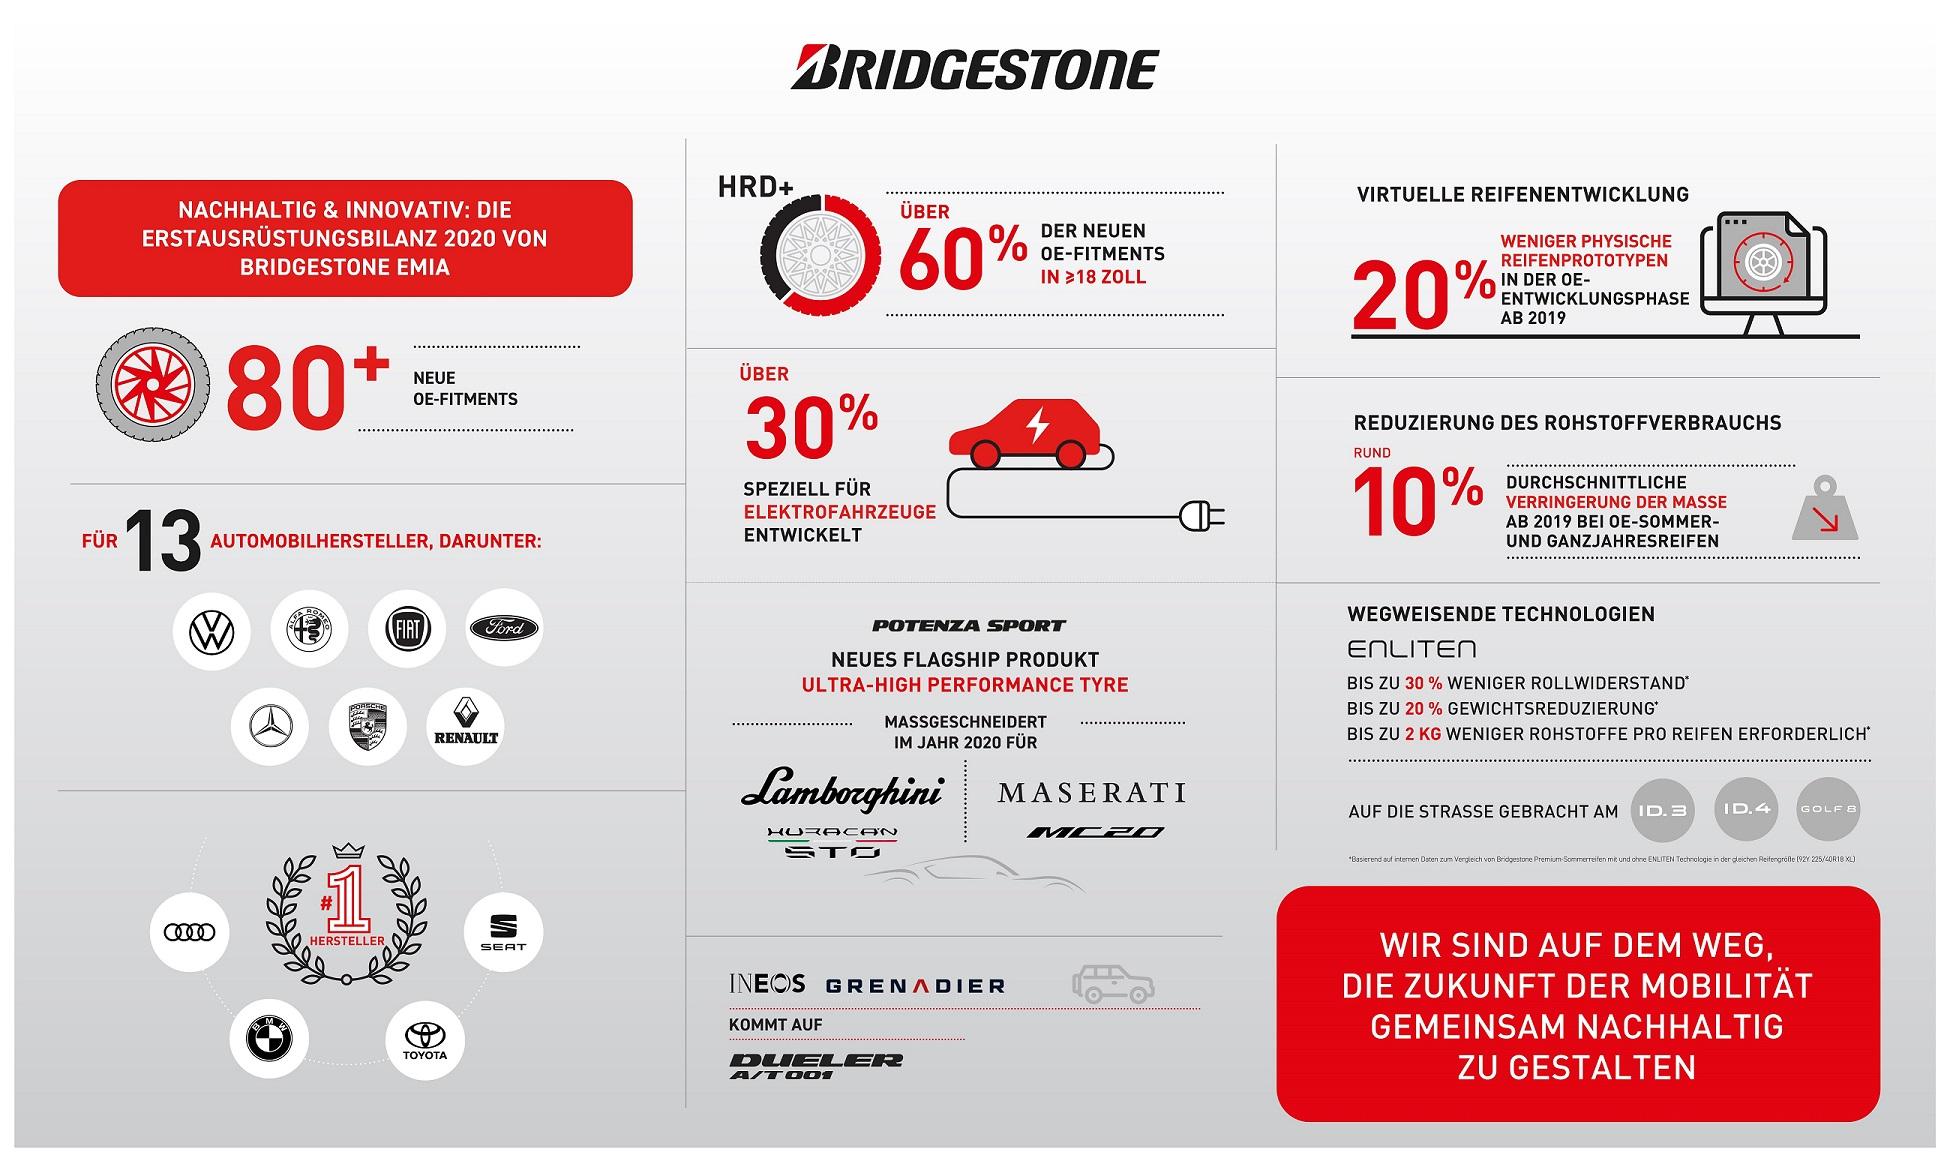 Bridgestone Erstausrüstung 2020